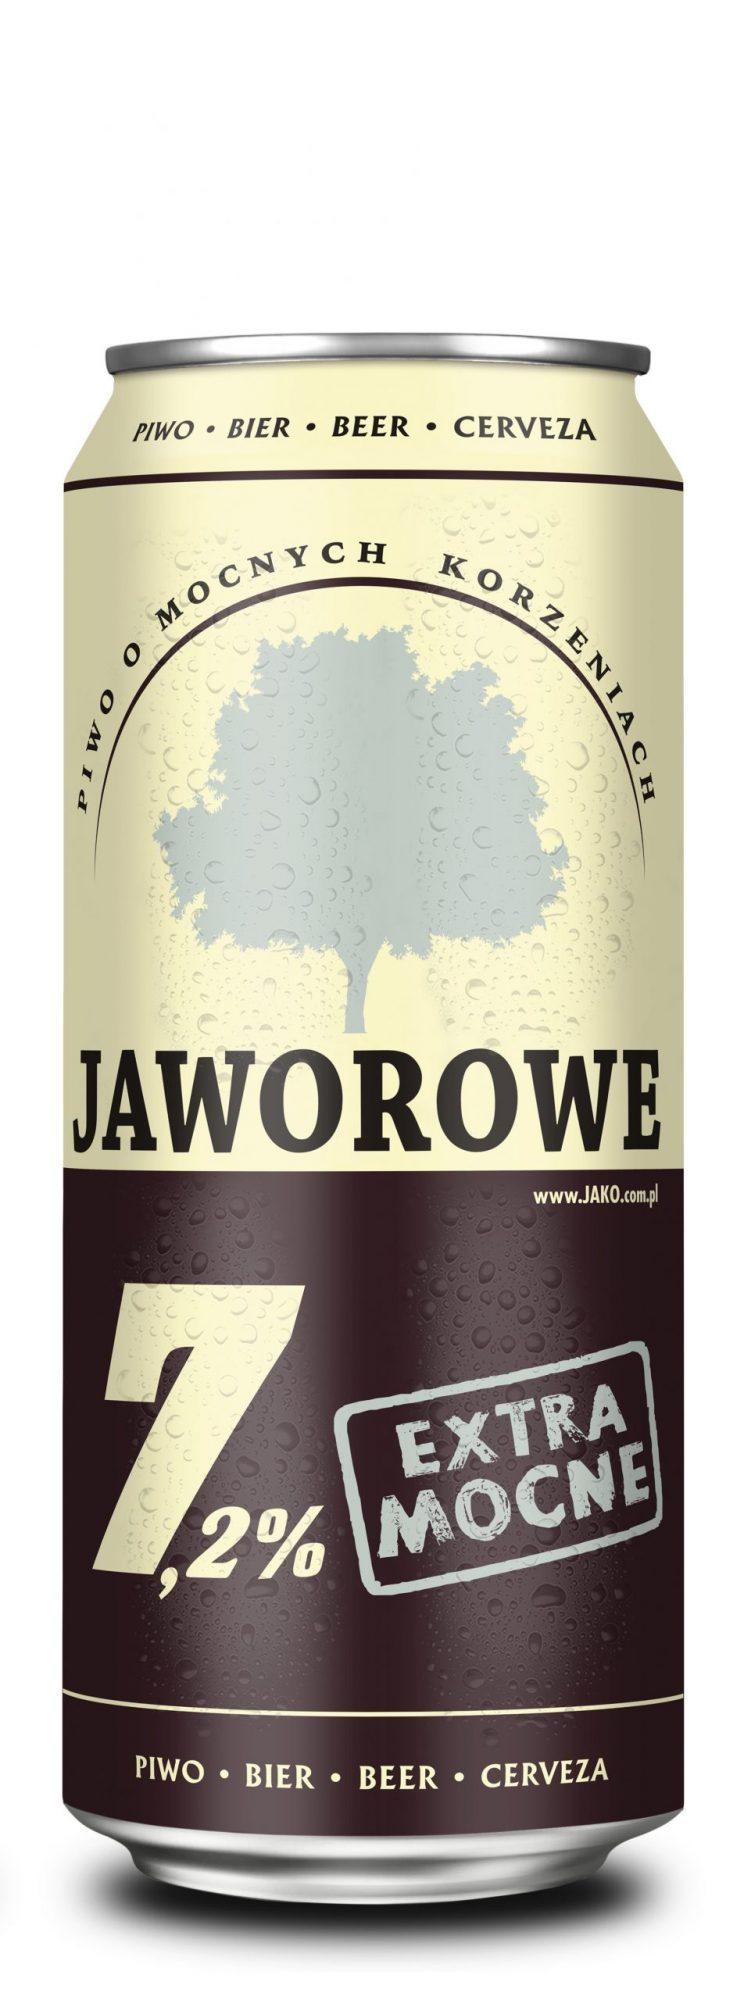 Piwo Jaworowe Mocne - jaworowe puszka got scaled